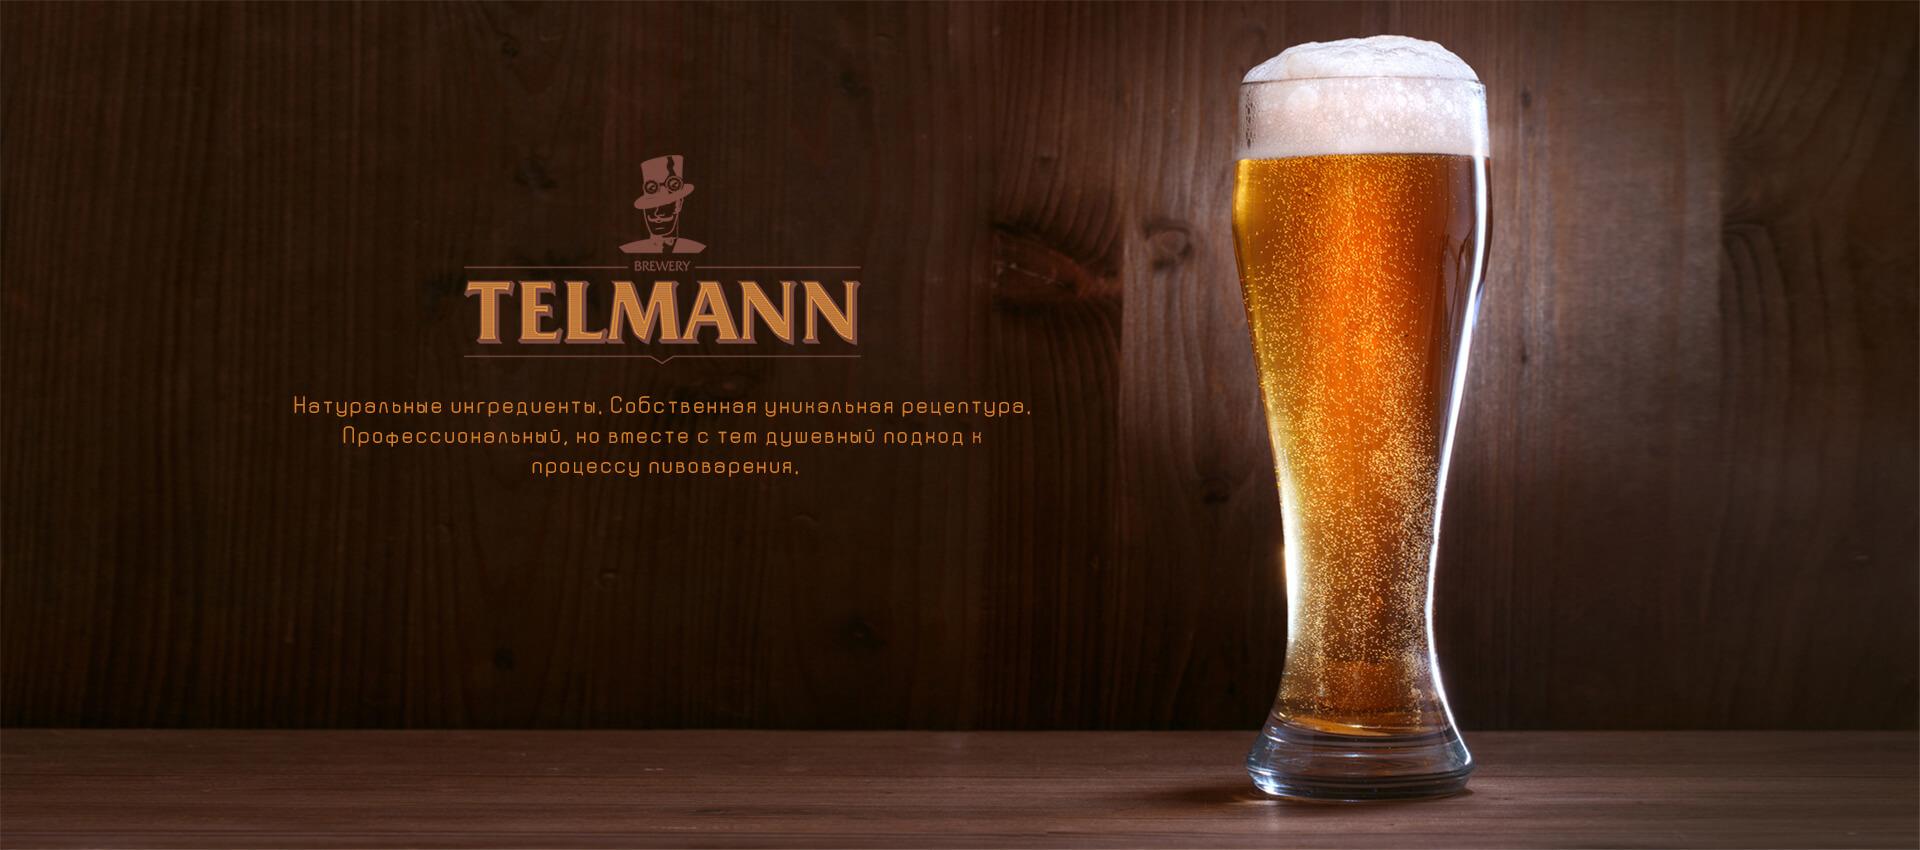 пиво тэлман